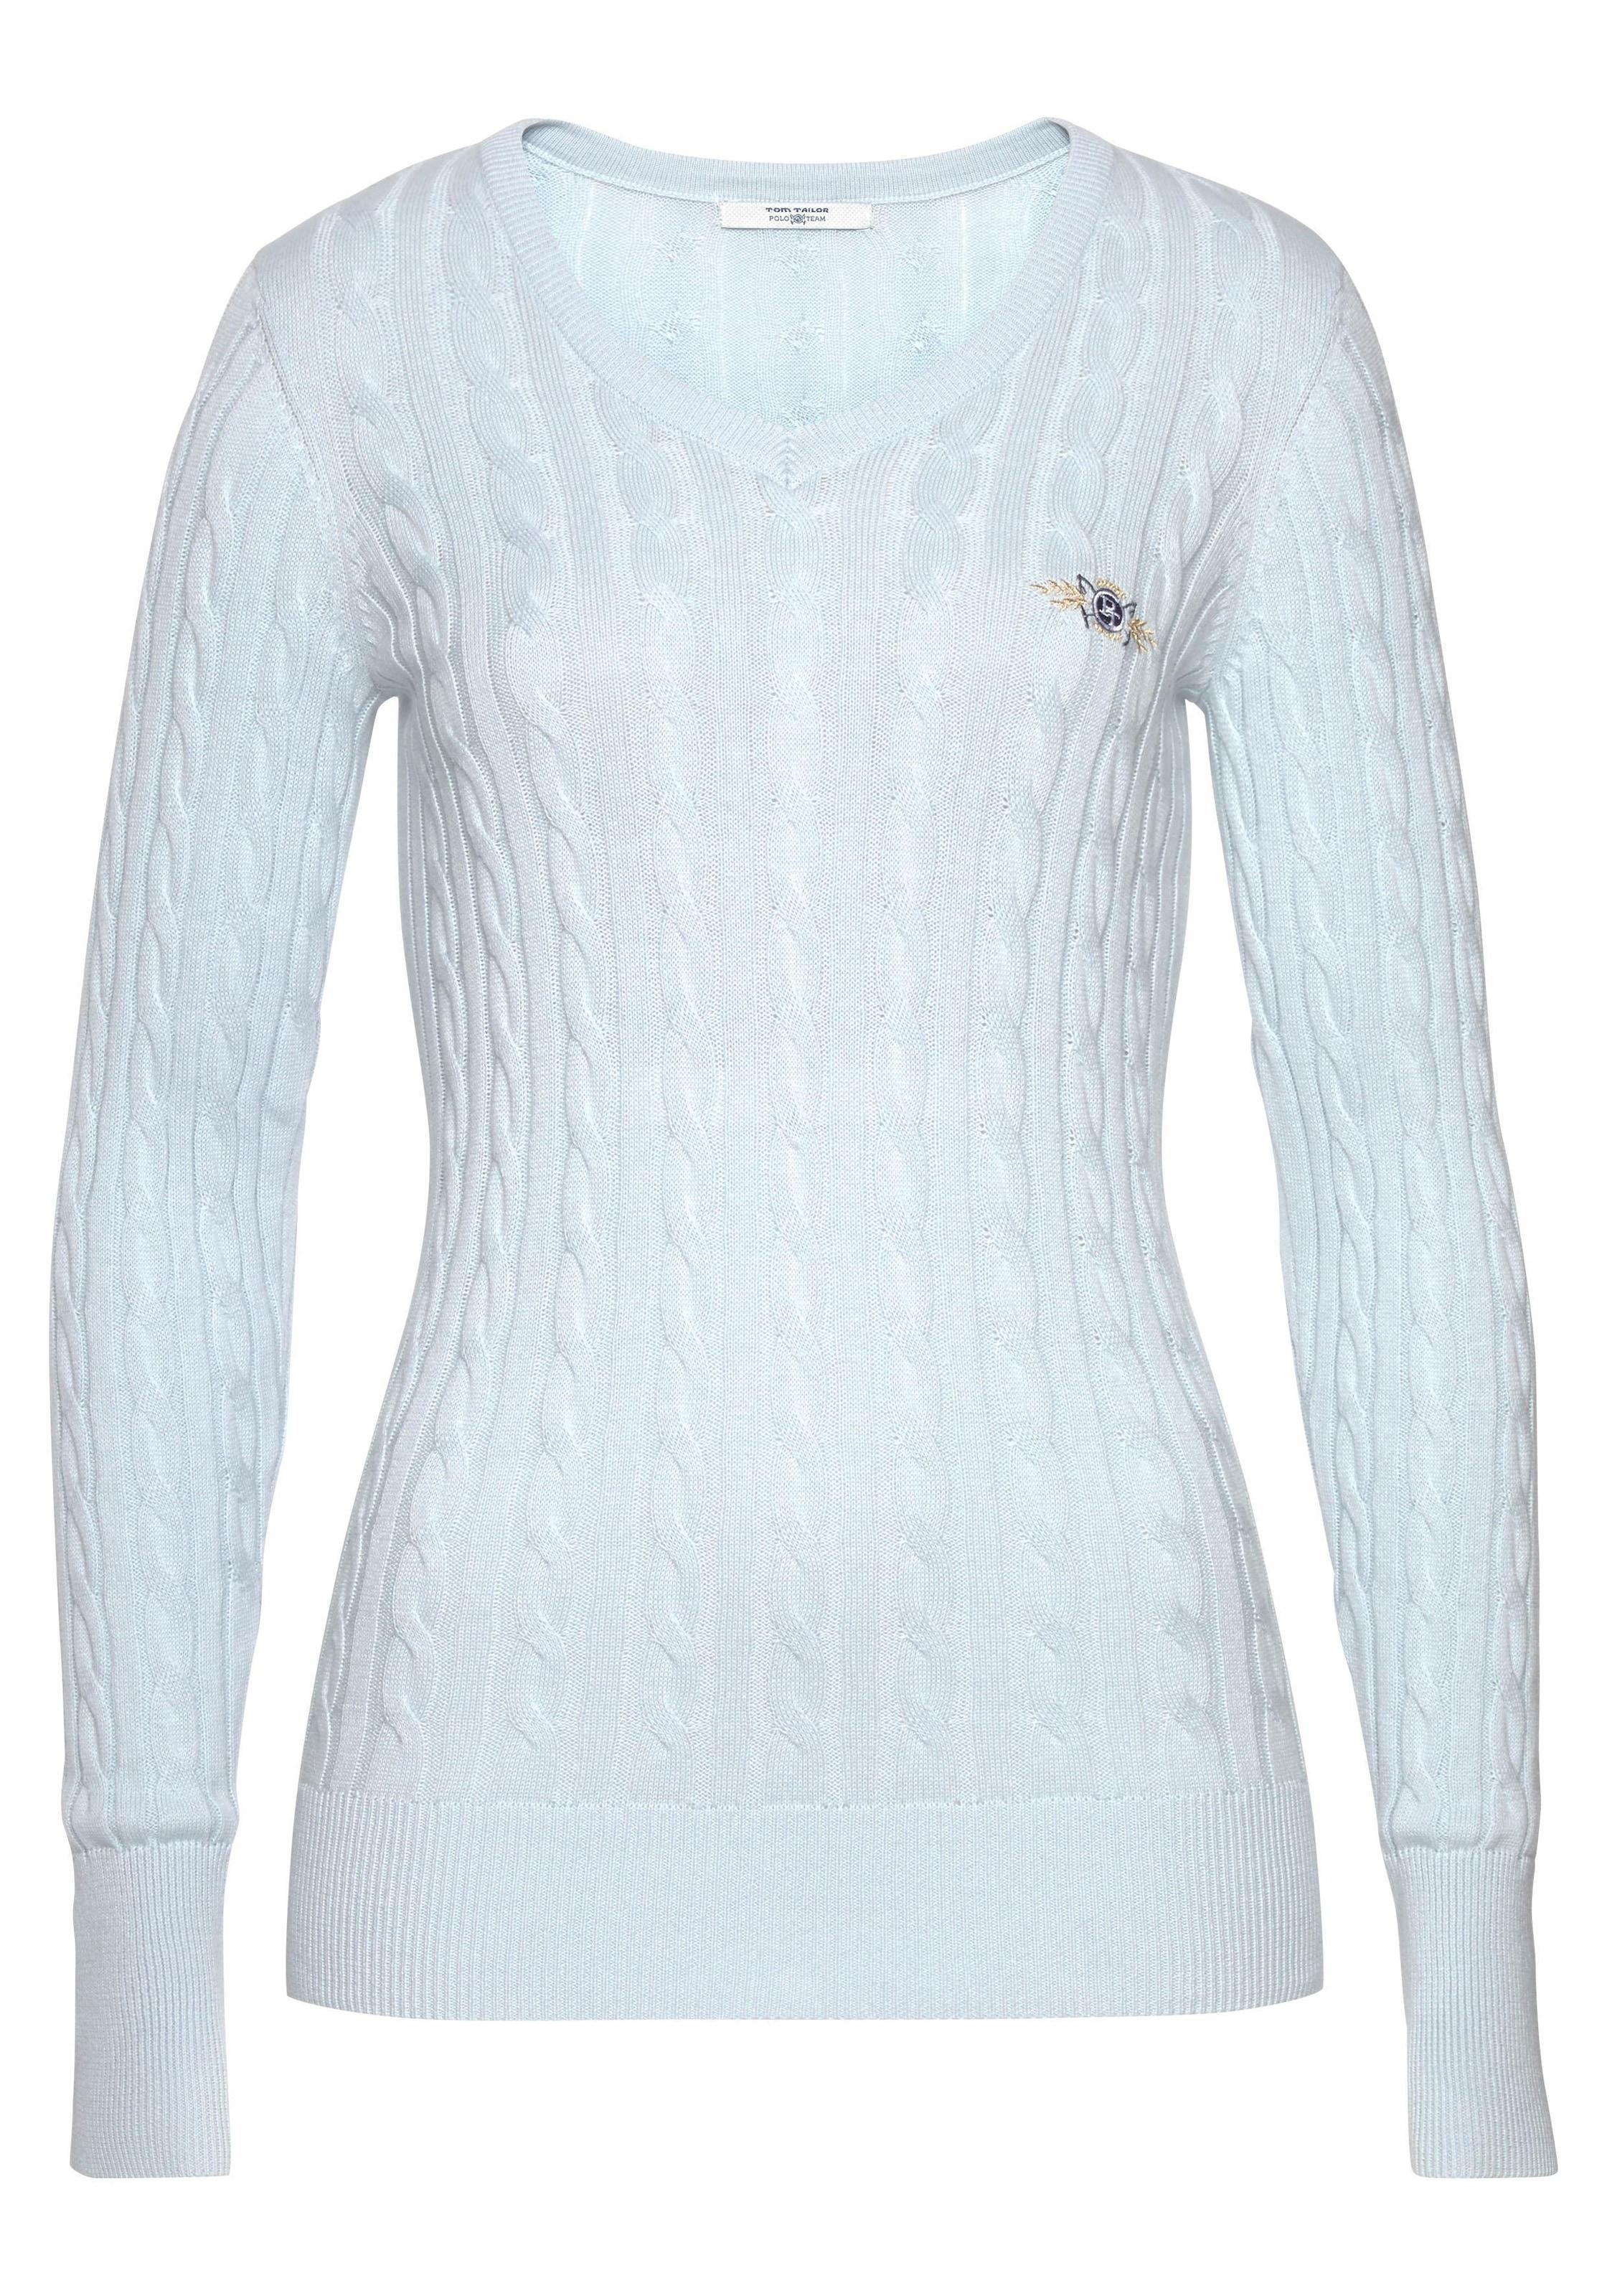 TOM TAILOR Damen Pullover /& Strickjacken Pullover mit V-Ausschnitt